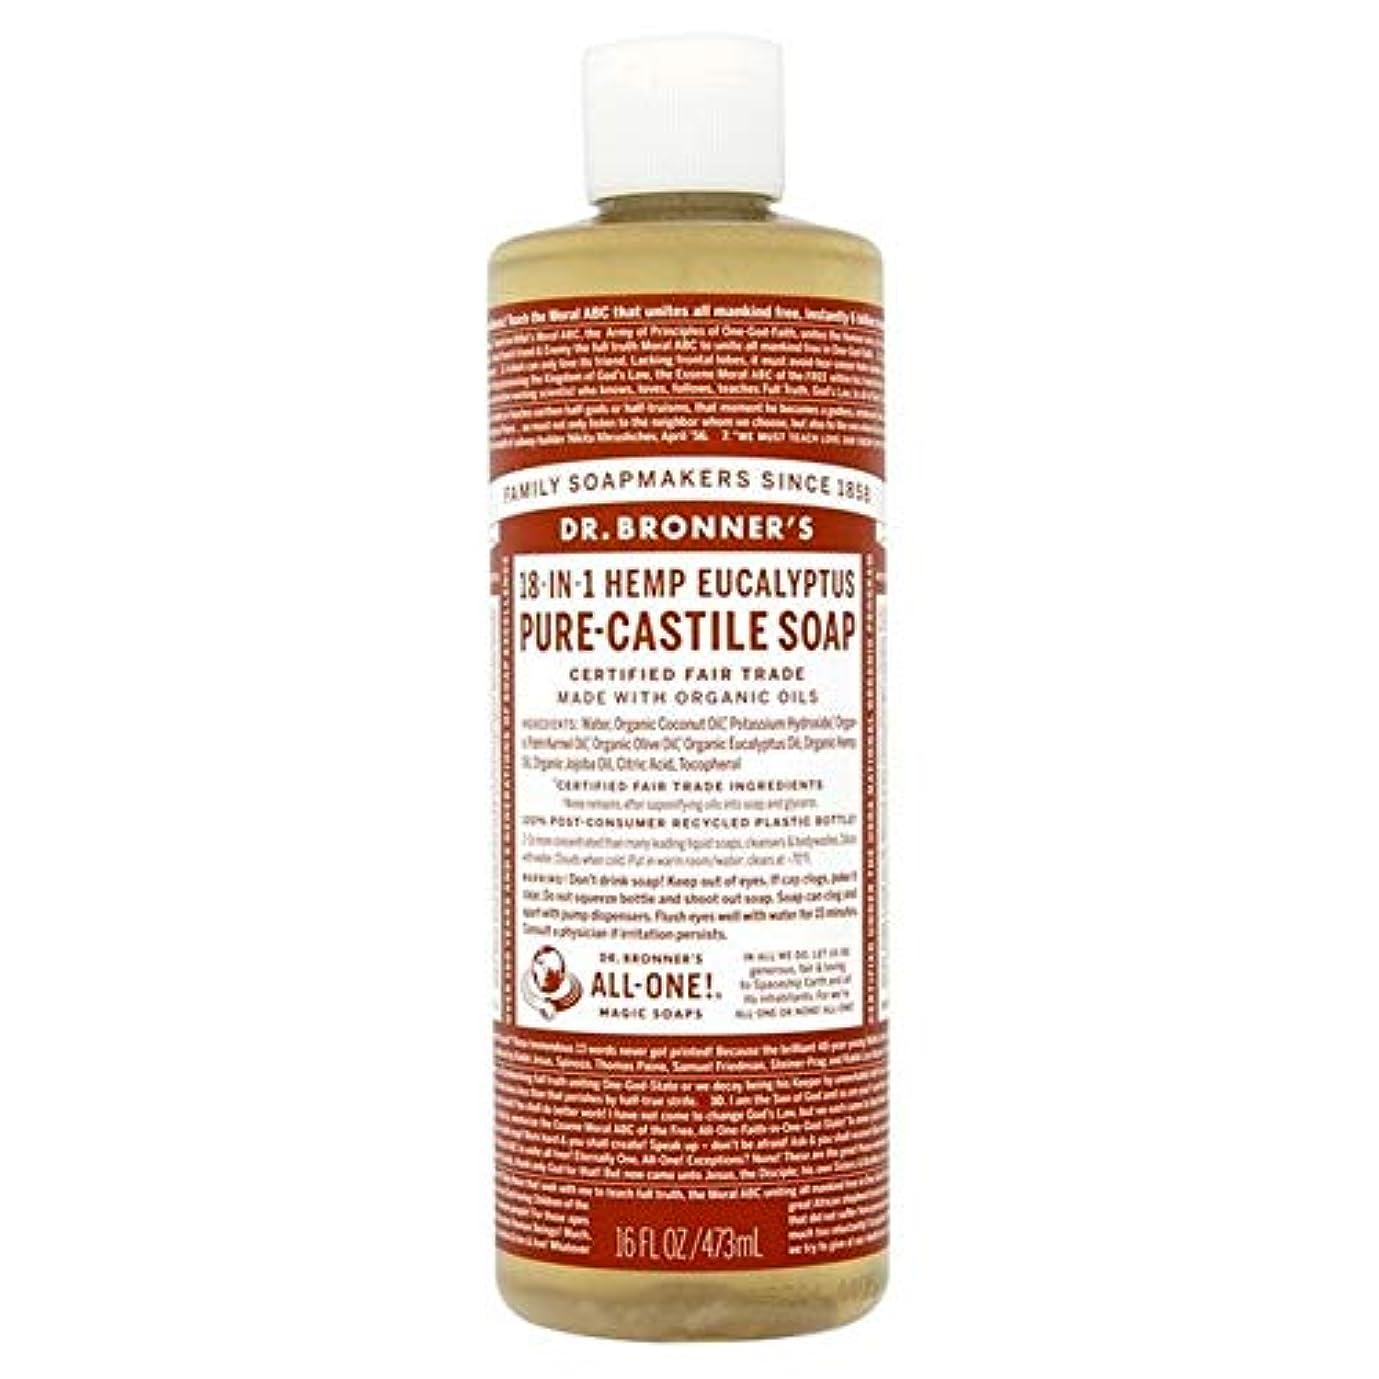 サバント彼らピザ[Dr Bronner] Dr。ブロナーズ有機ユーカリの純粋な-カスティーリャ液体石鹸473ミリリットル - Dr. Bronner's Organic Eucalyptus Pure-Castille Liquid Soap...